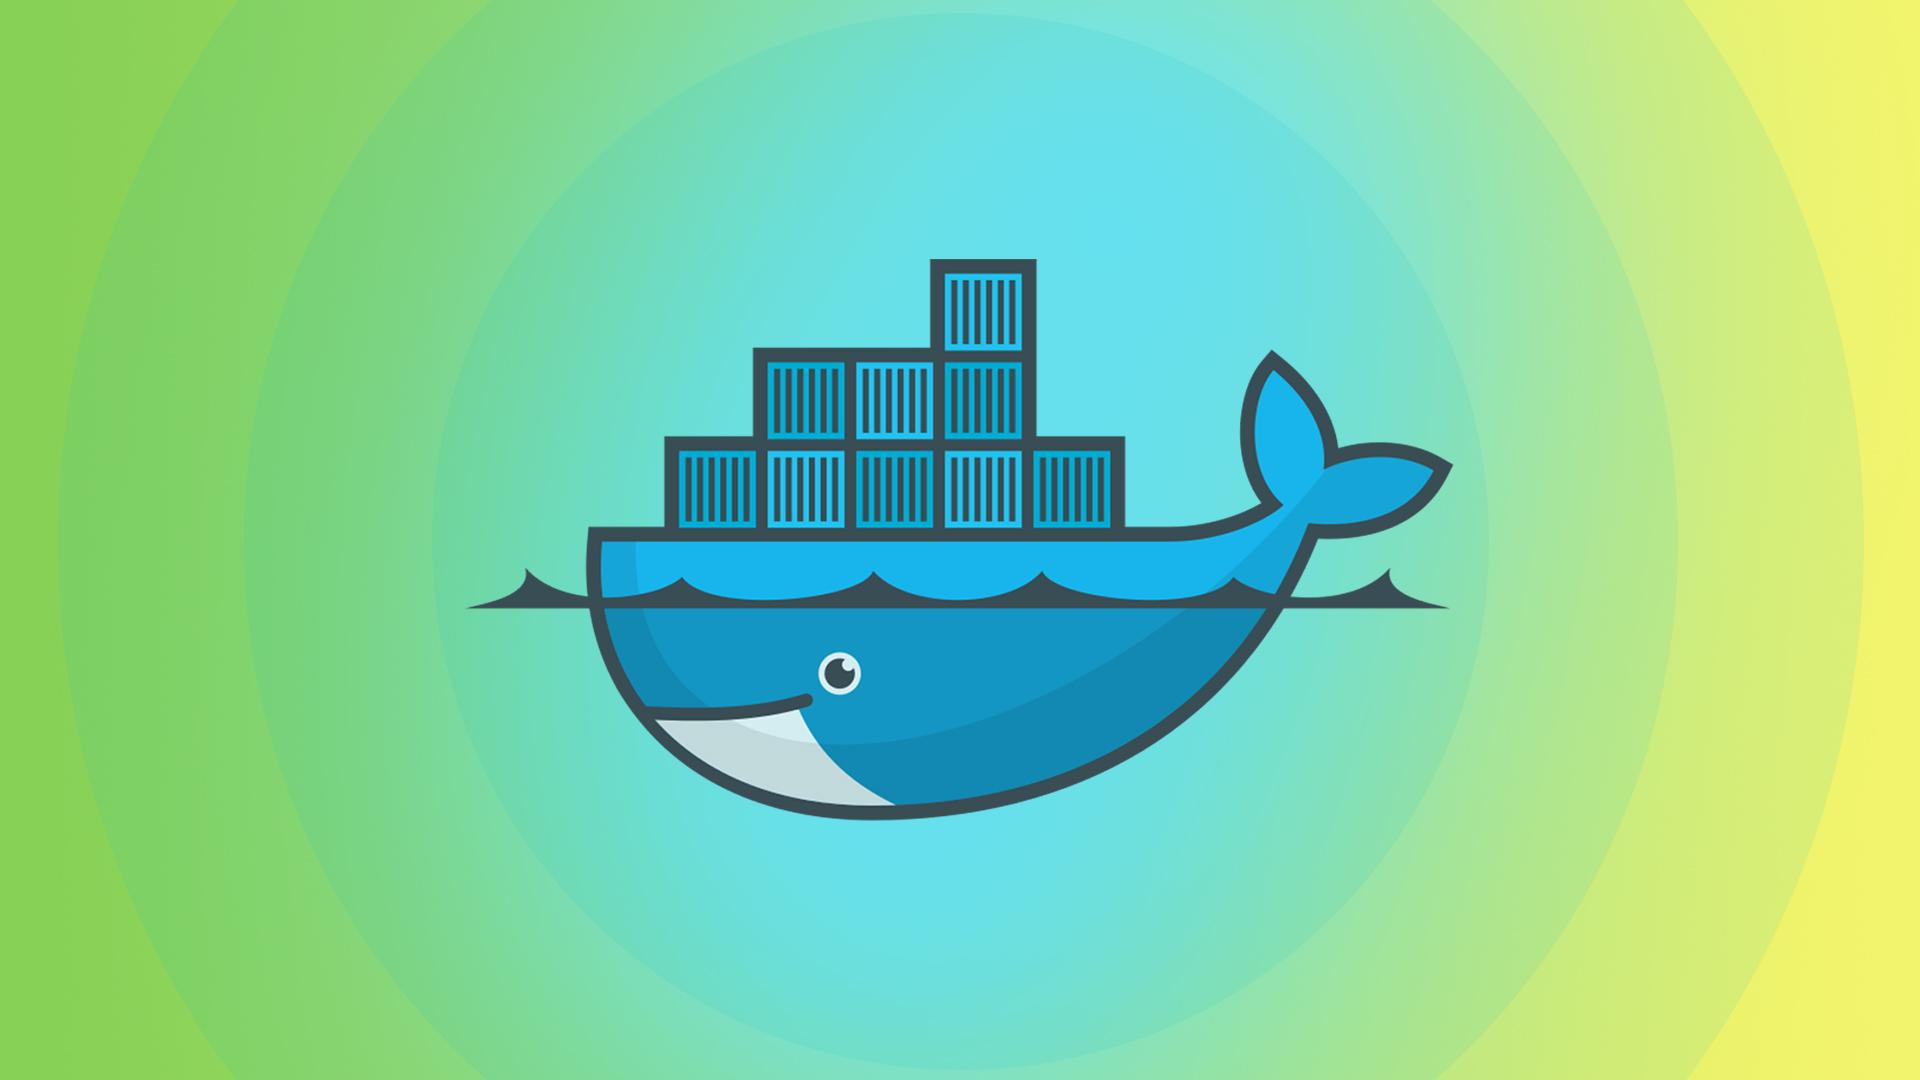 Вебинар Реализация простейшего веб-сервера, развернутого на базе Docker фото